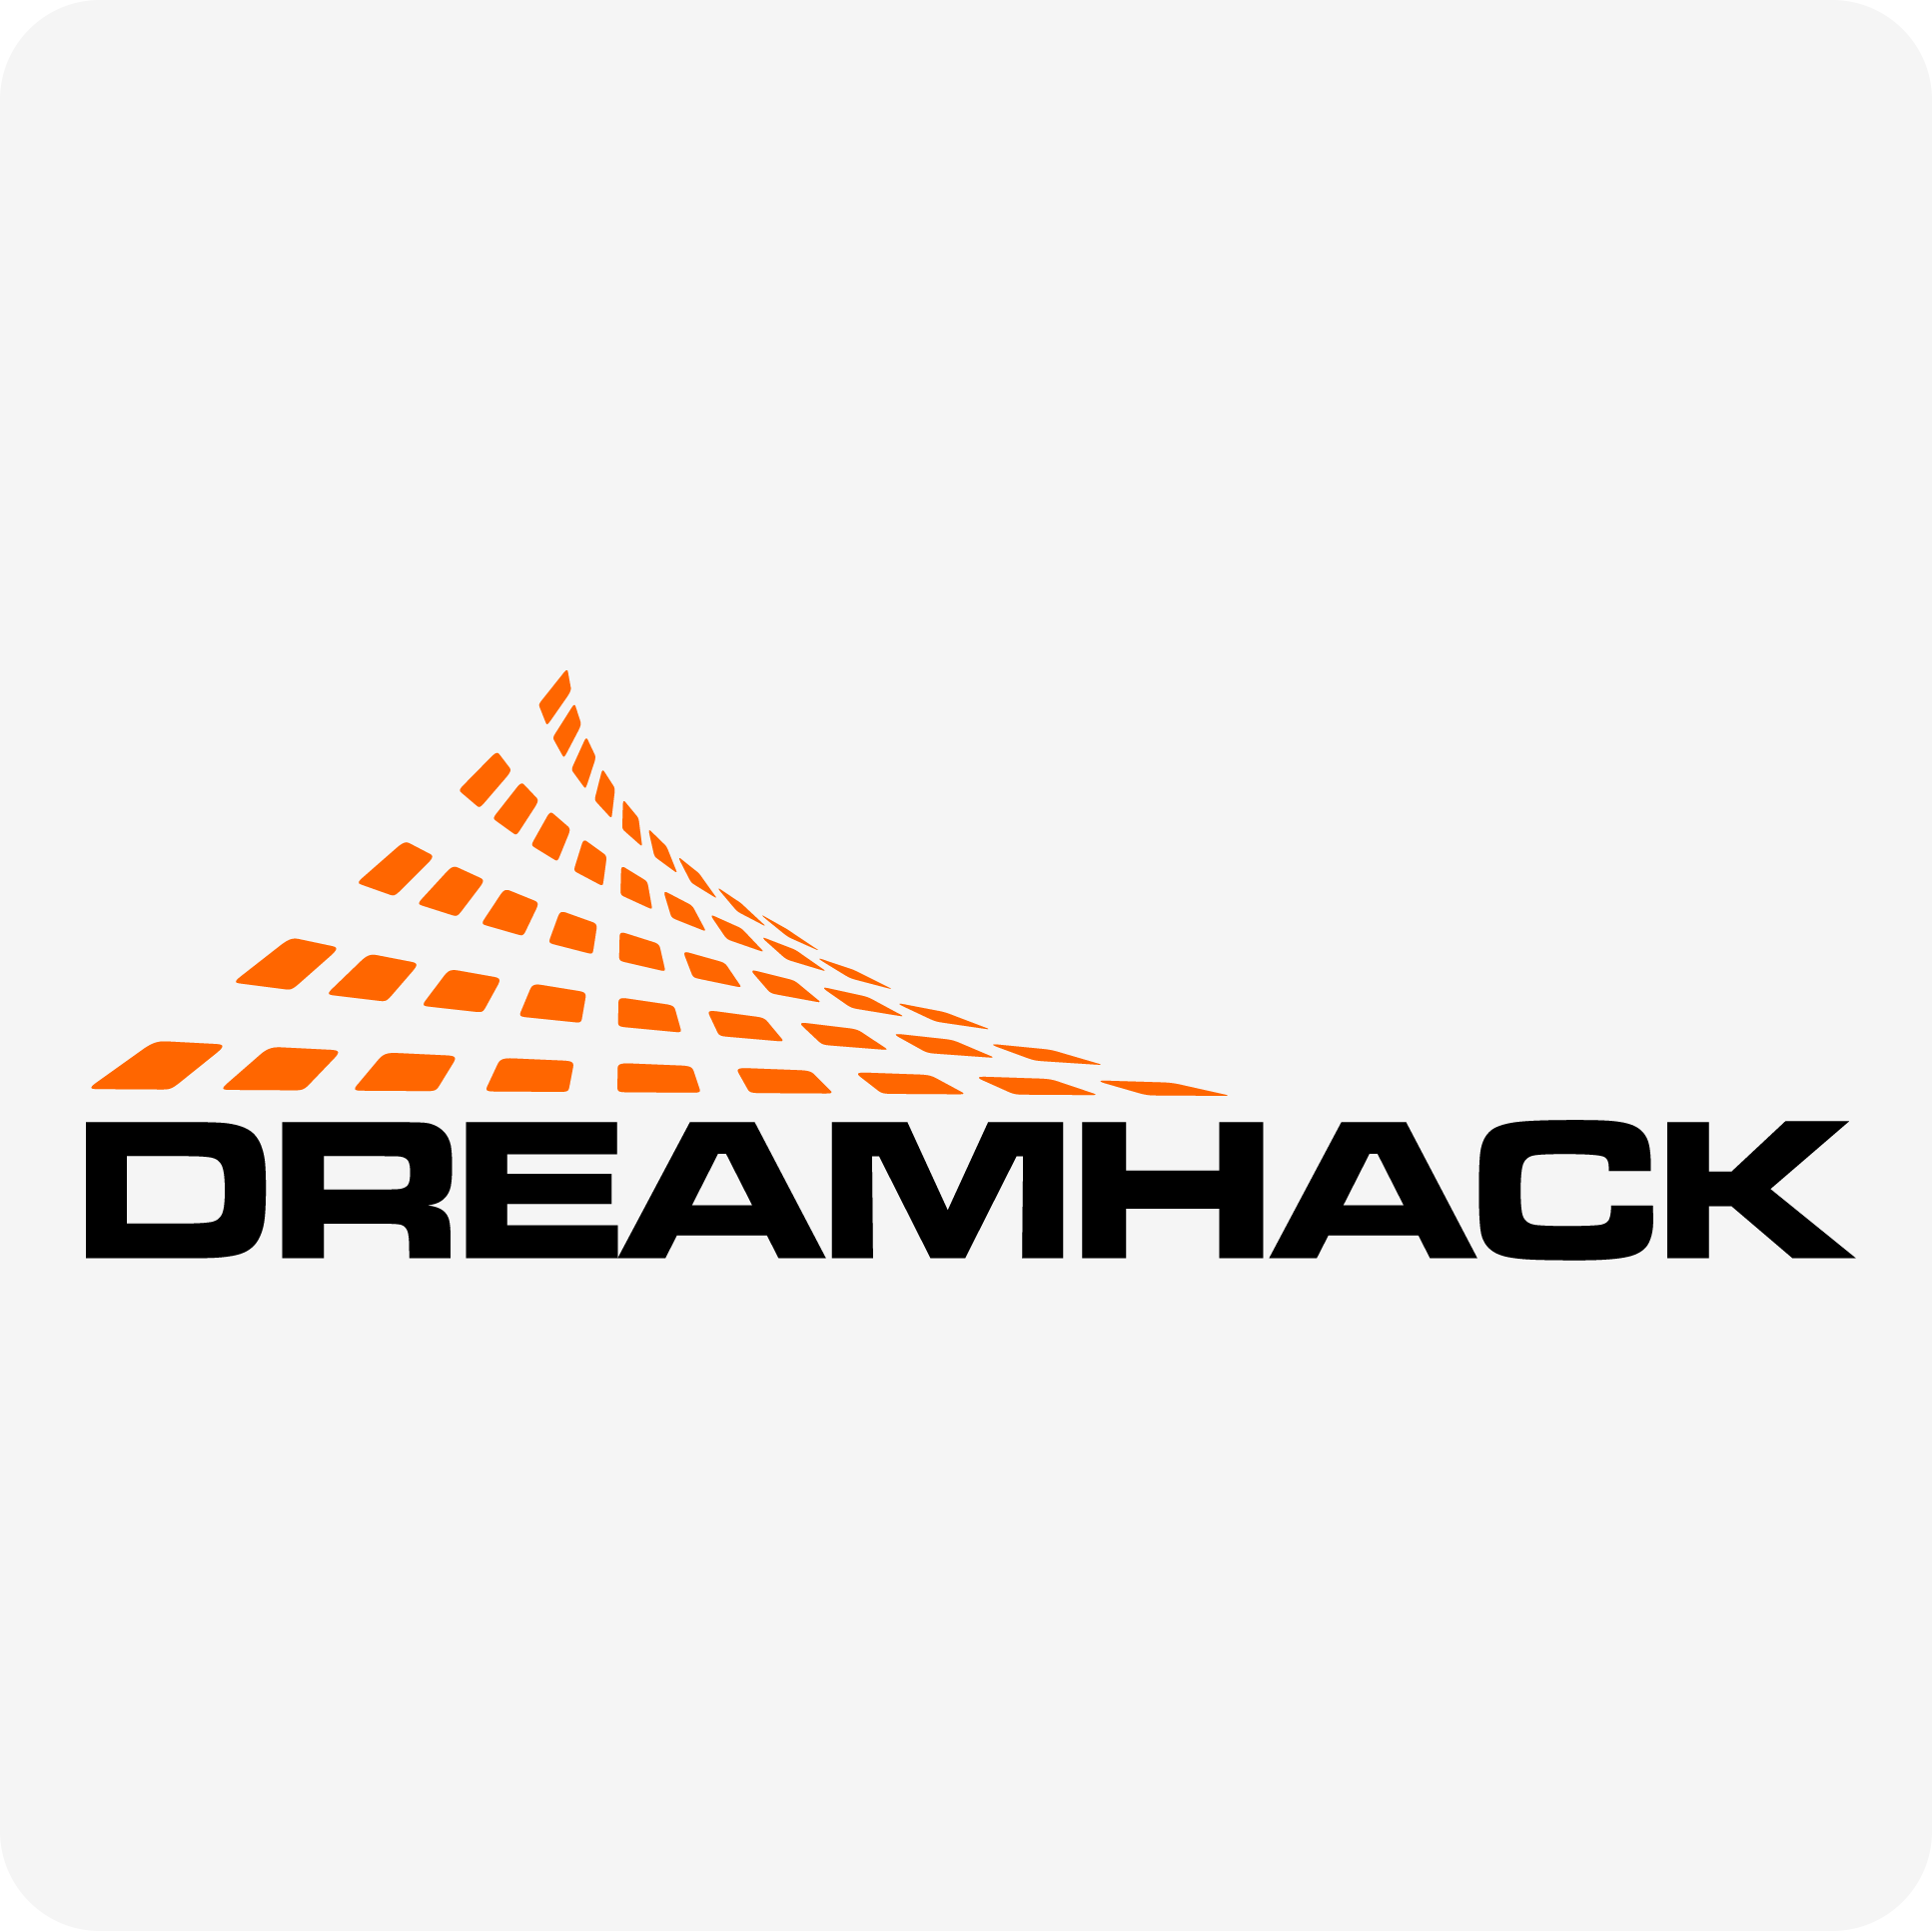 Dreamhack Festivals